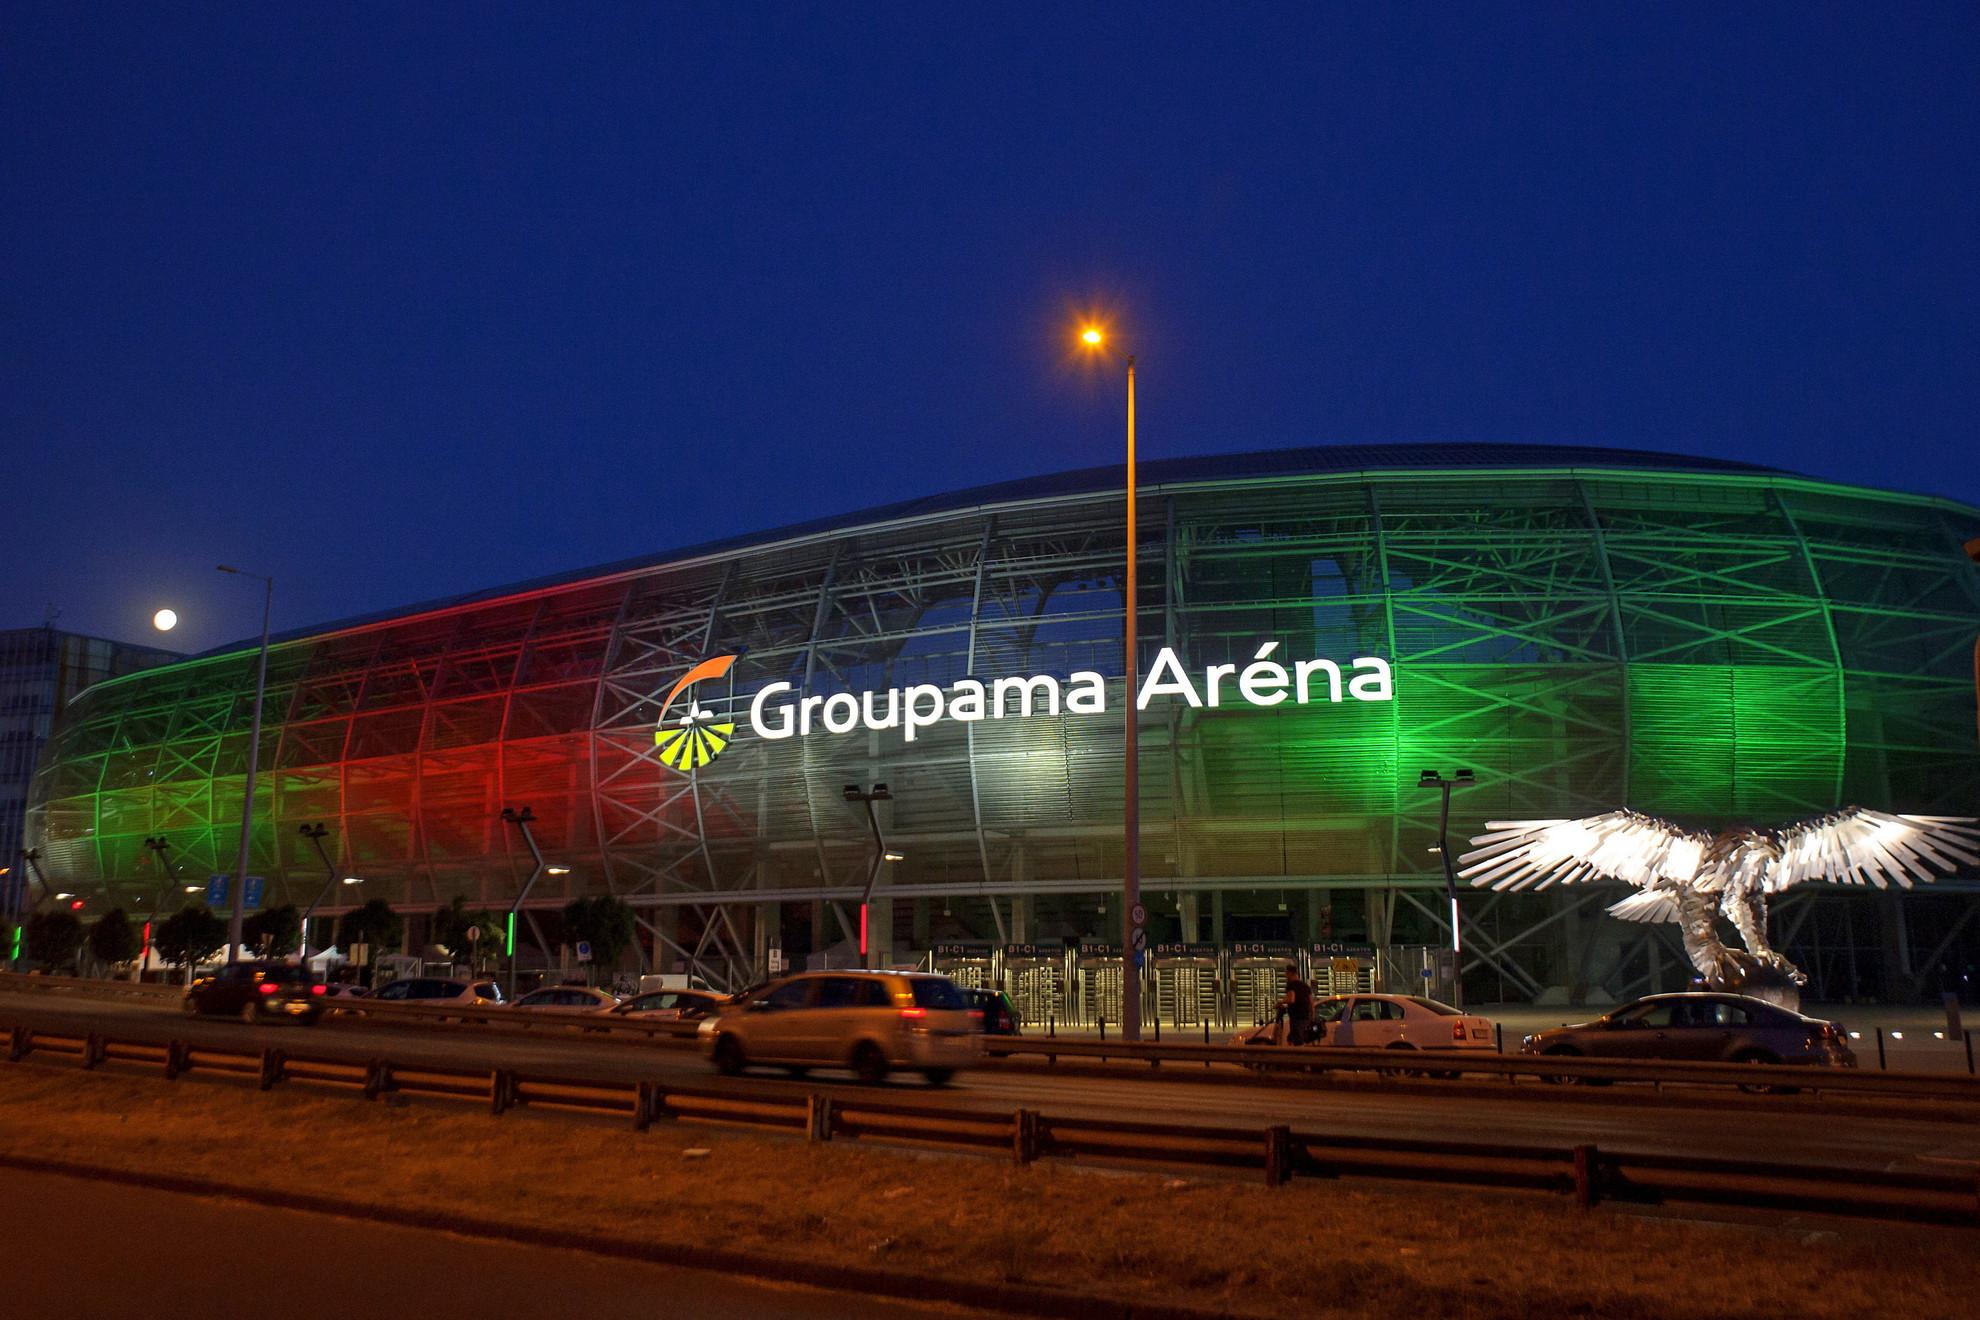 A Groupama Aréna piros-fehér zöldben (Kattintással lapozhatók a galéria képei)